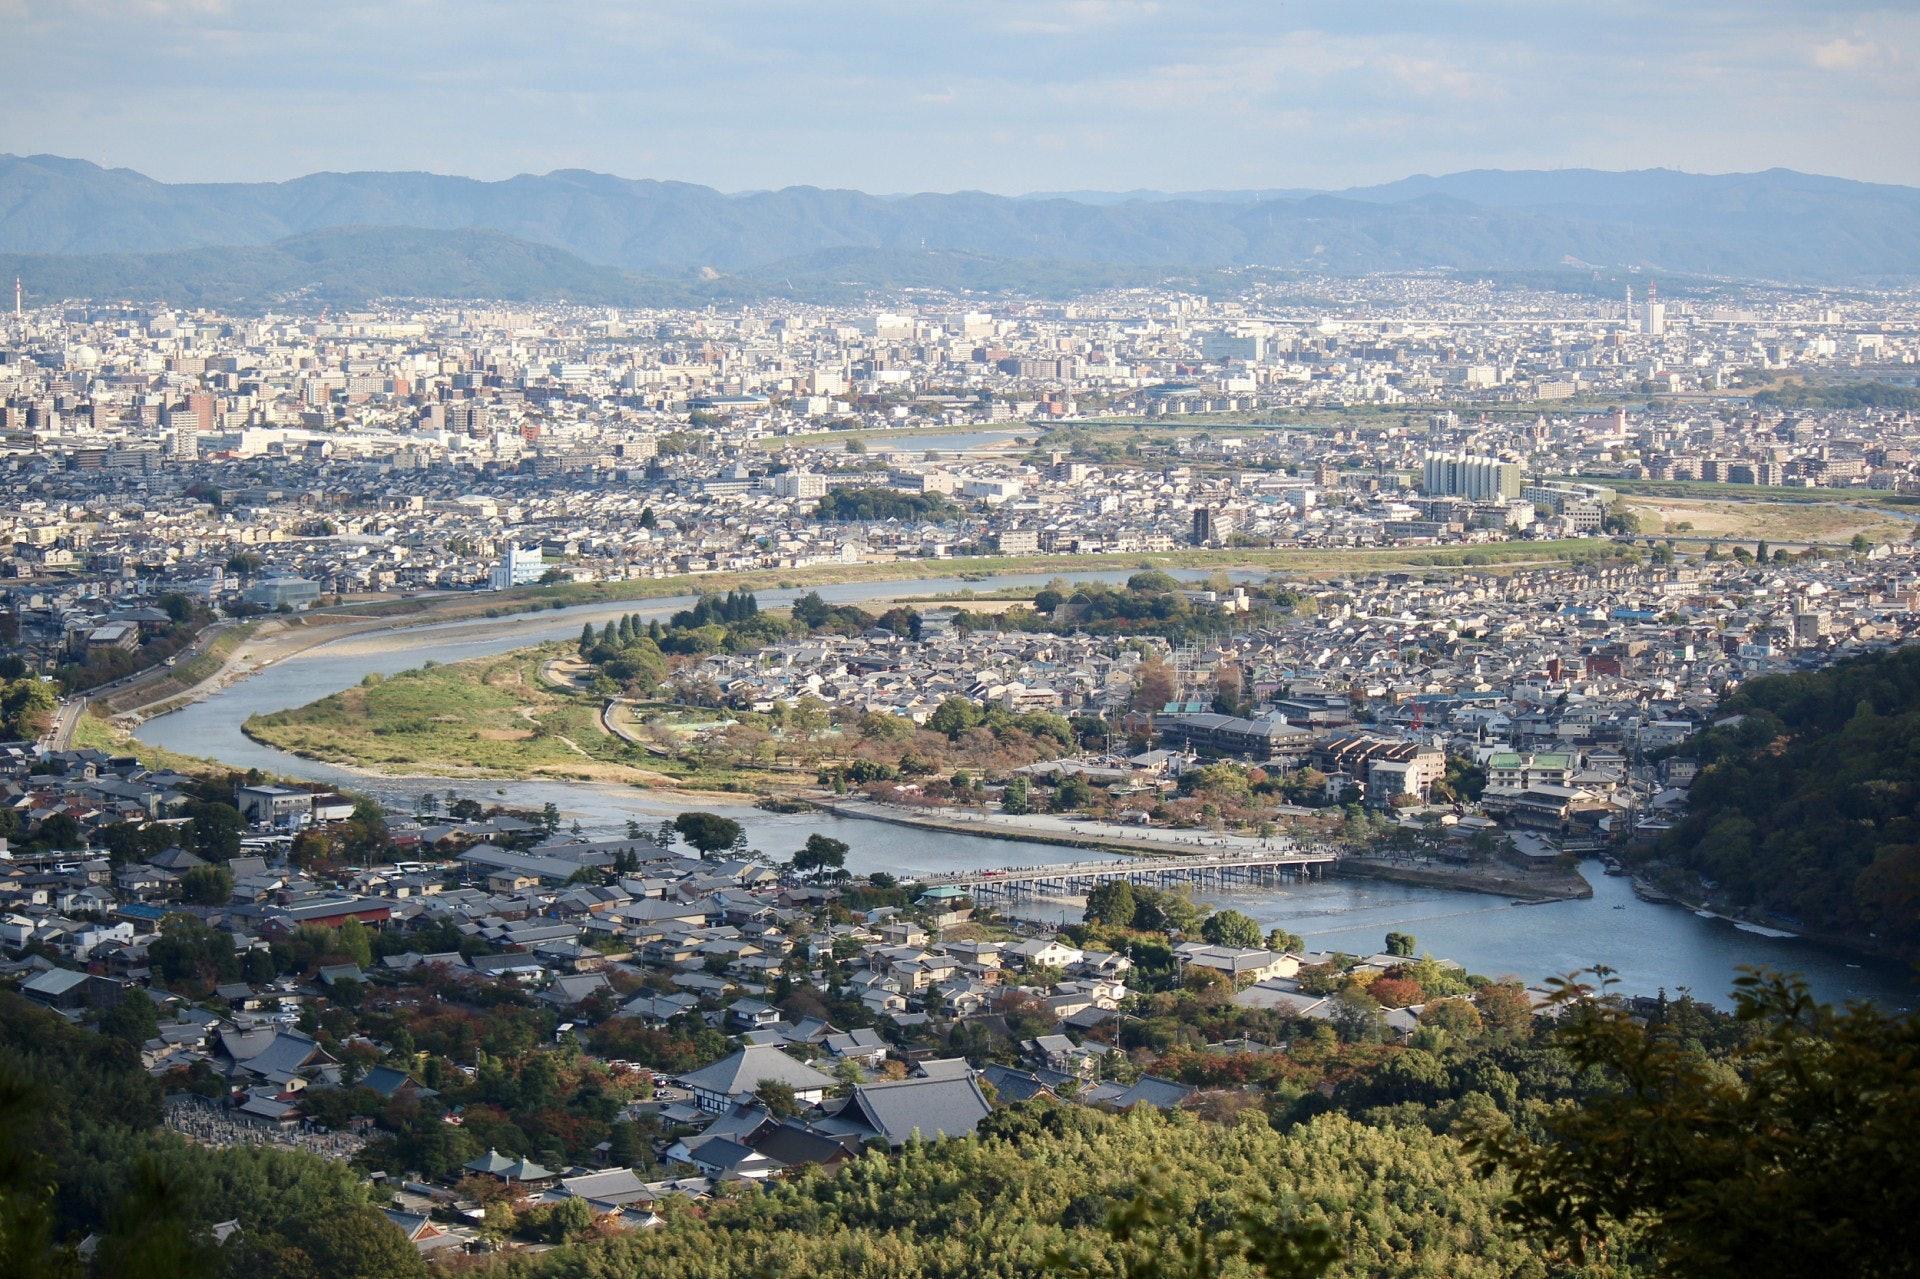 嵐山沿線景色(VCG)